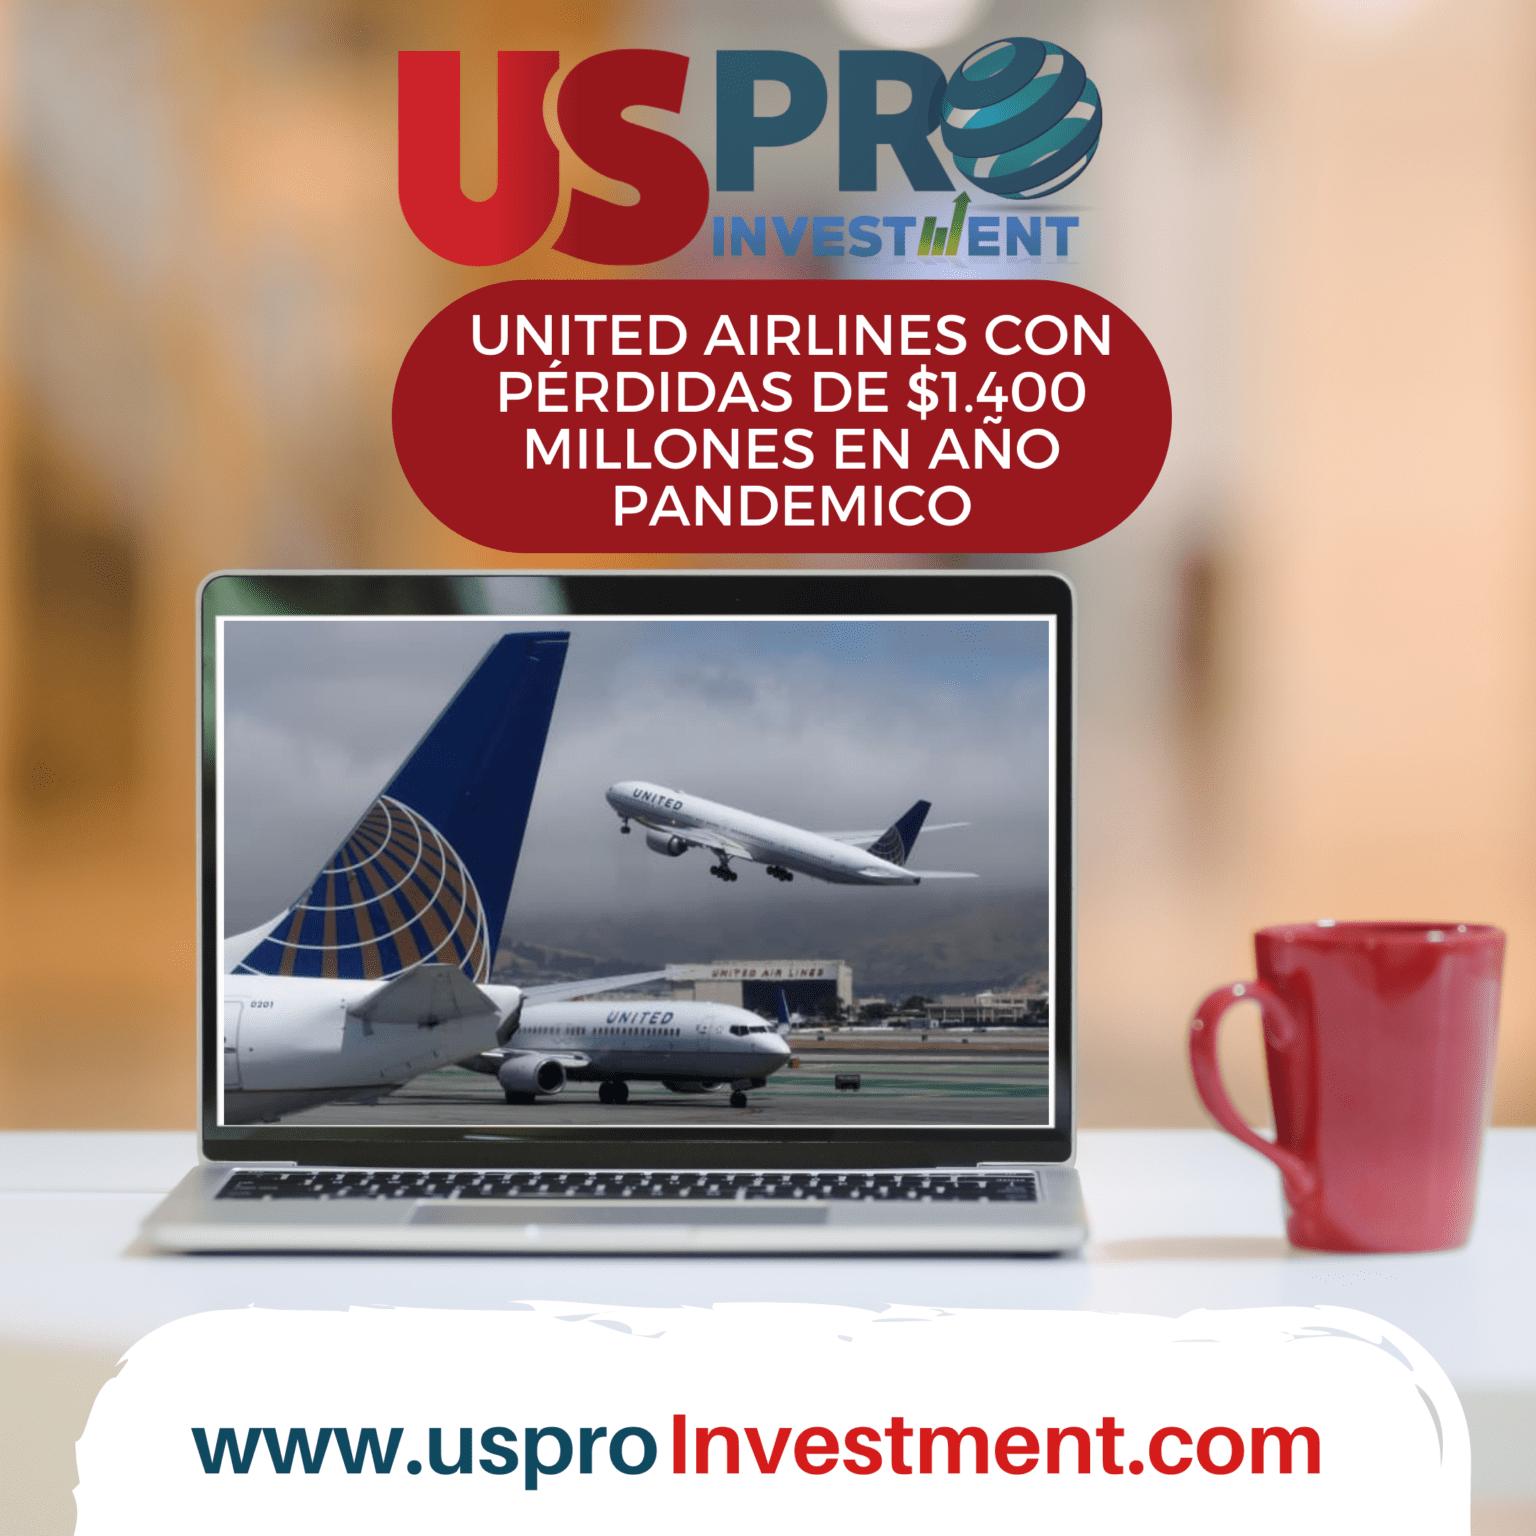 United Airlines con pérdidas de $1.400 millones en año pandemico